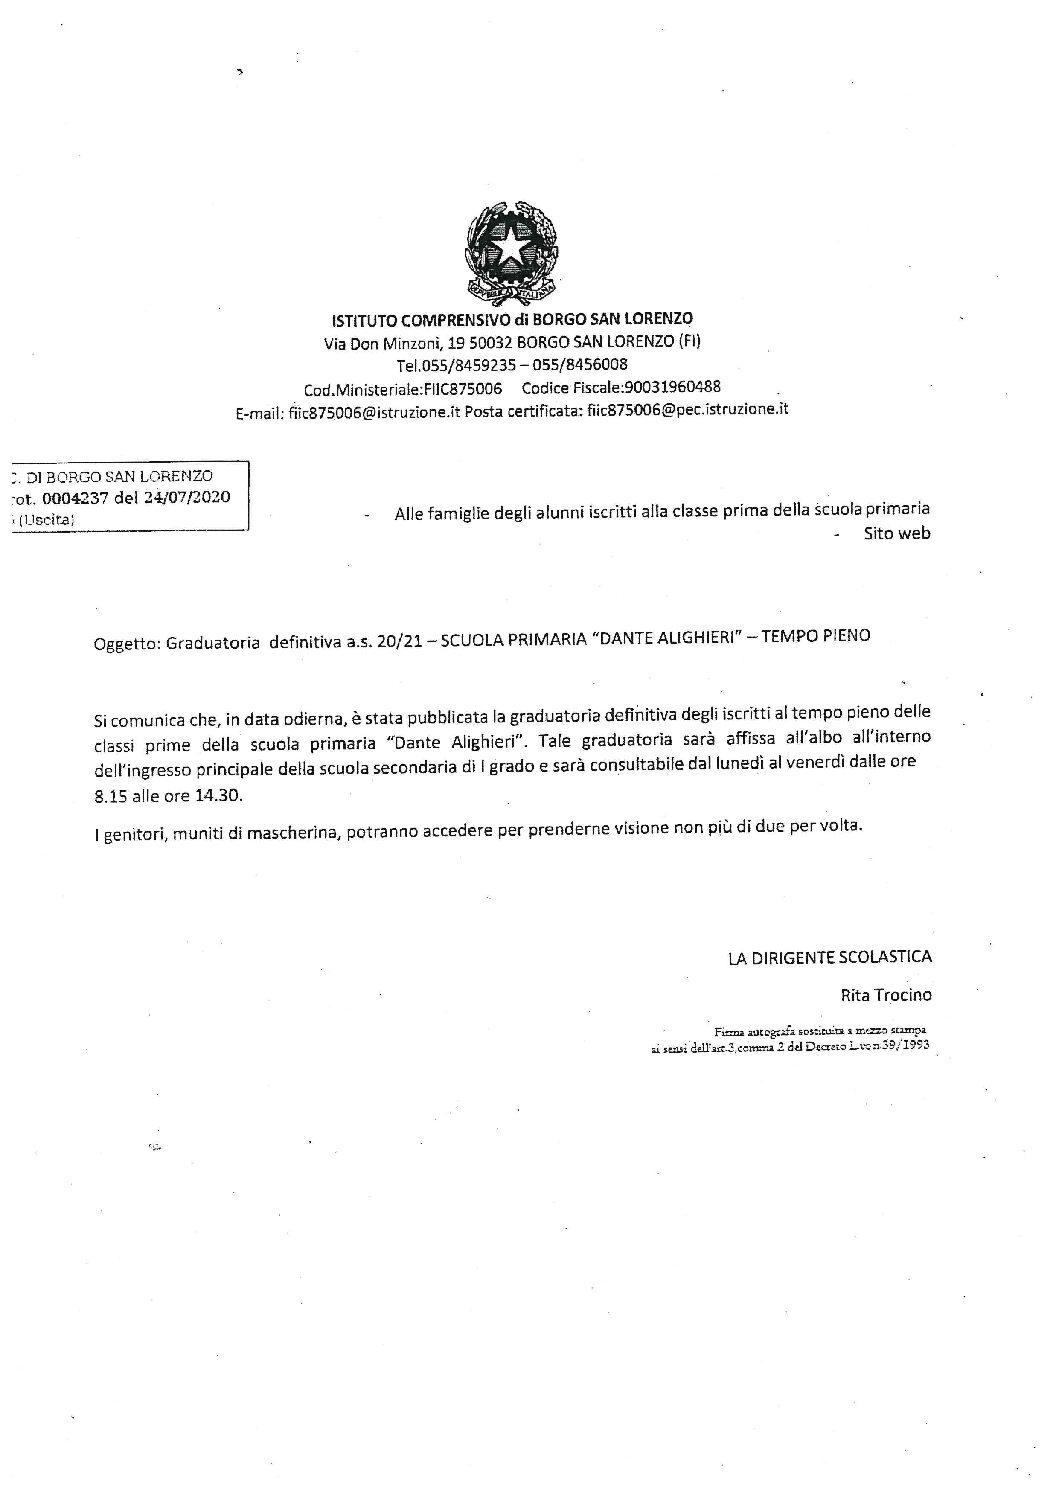 GRADUATORIA DEFINITIVA SCUOLA PRIMARIA A.S. 20/21 – TEMPO PIENO